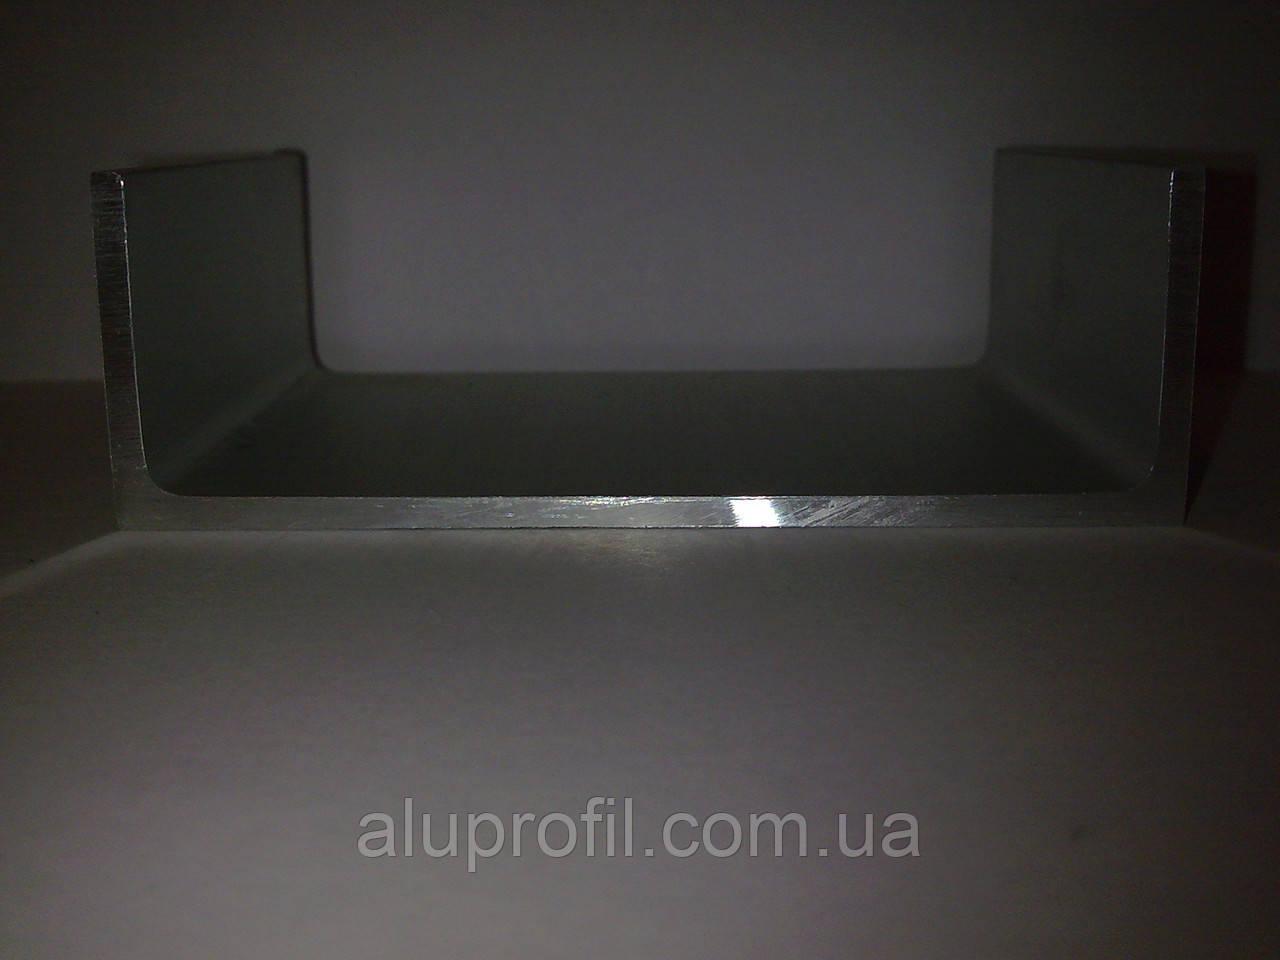 Алюминиевый профиль — п-образный алюминиевый профиль (швеллер) 120x40x4 Б/П